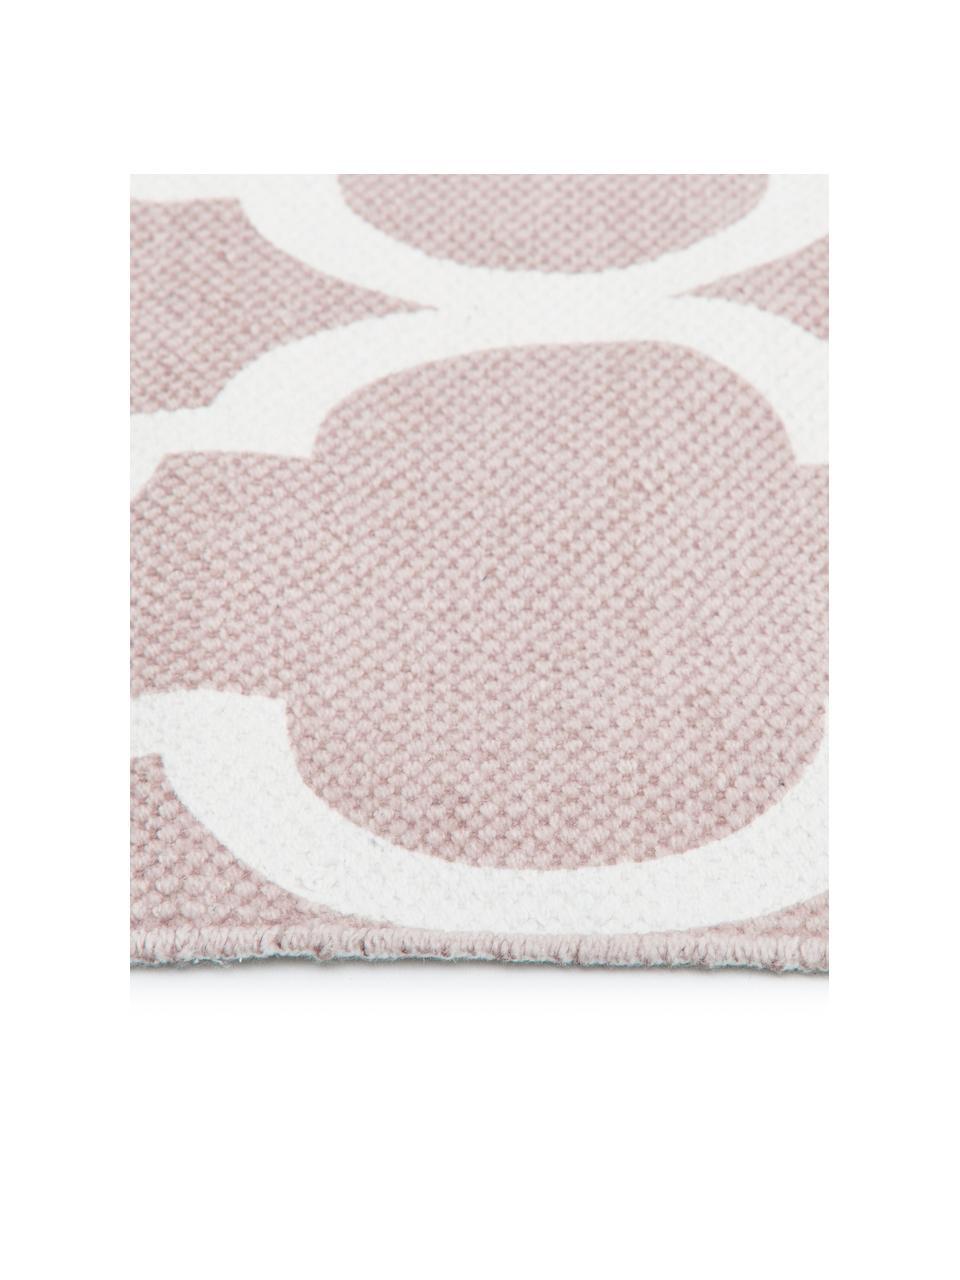 Tenký bavlněný koberec Amira, ručně tkaný, Růžová, krémově bílá